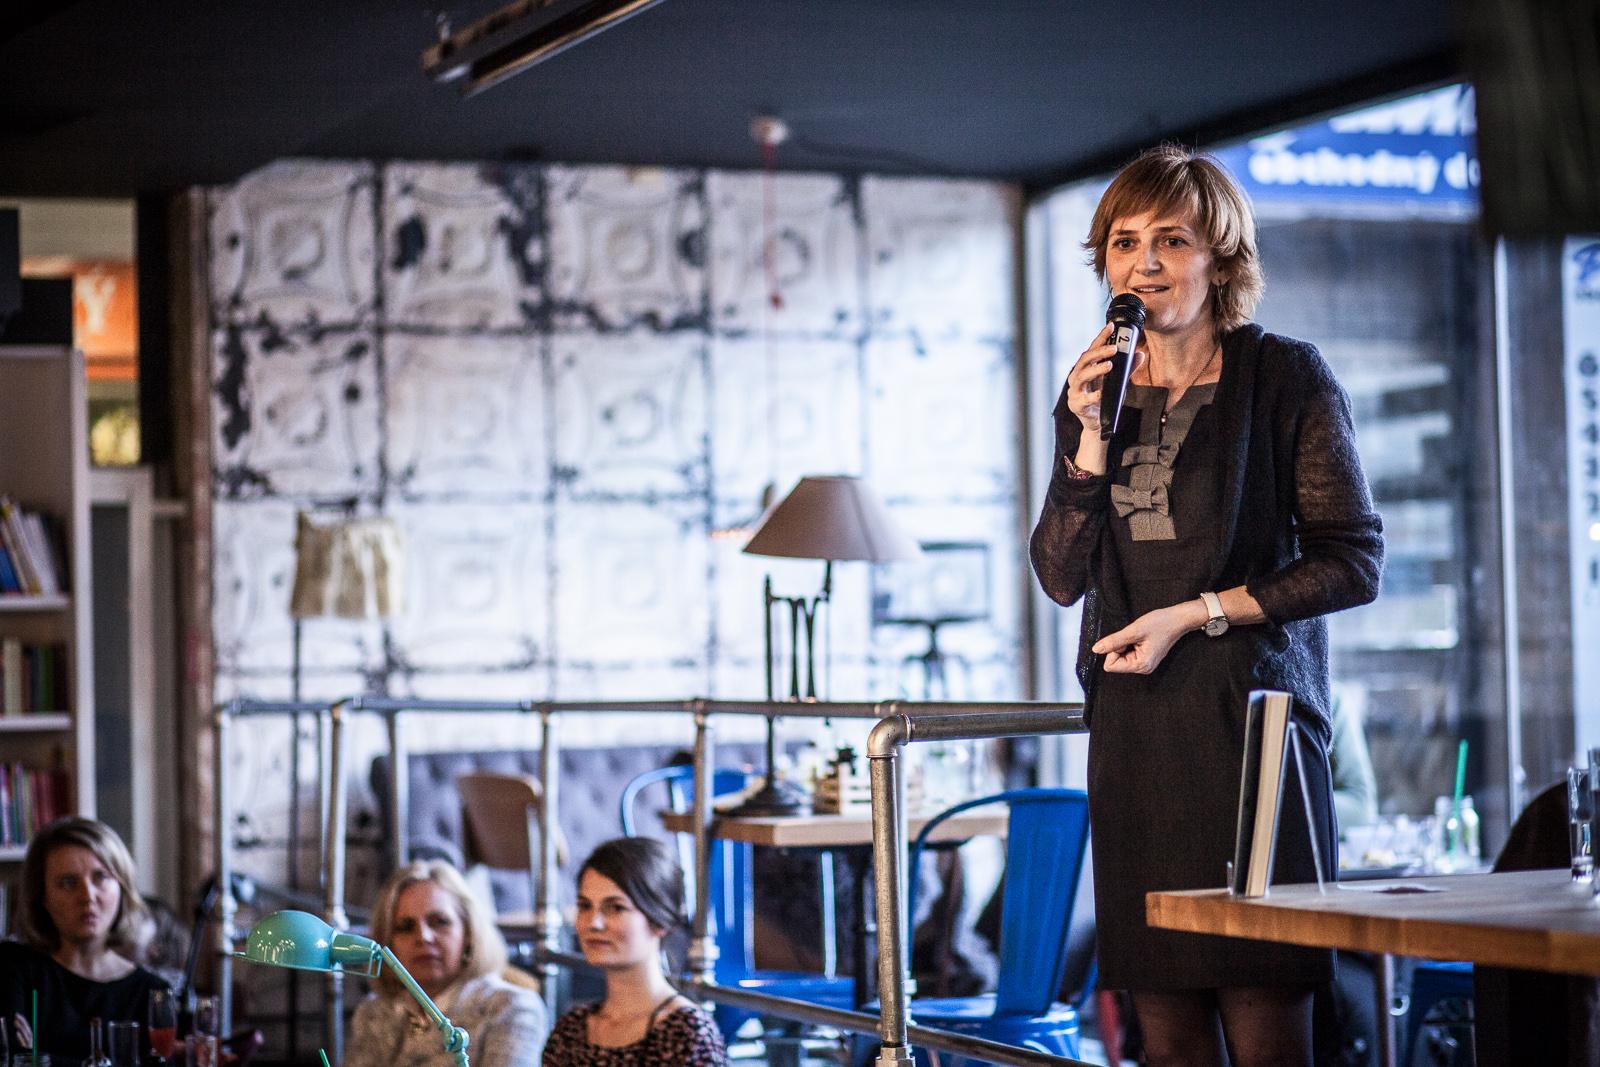 La directora de PLAMIENOK la Dra. María Jasenkova introduce la nueva editorial PLAMIENOK BOOKS.